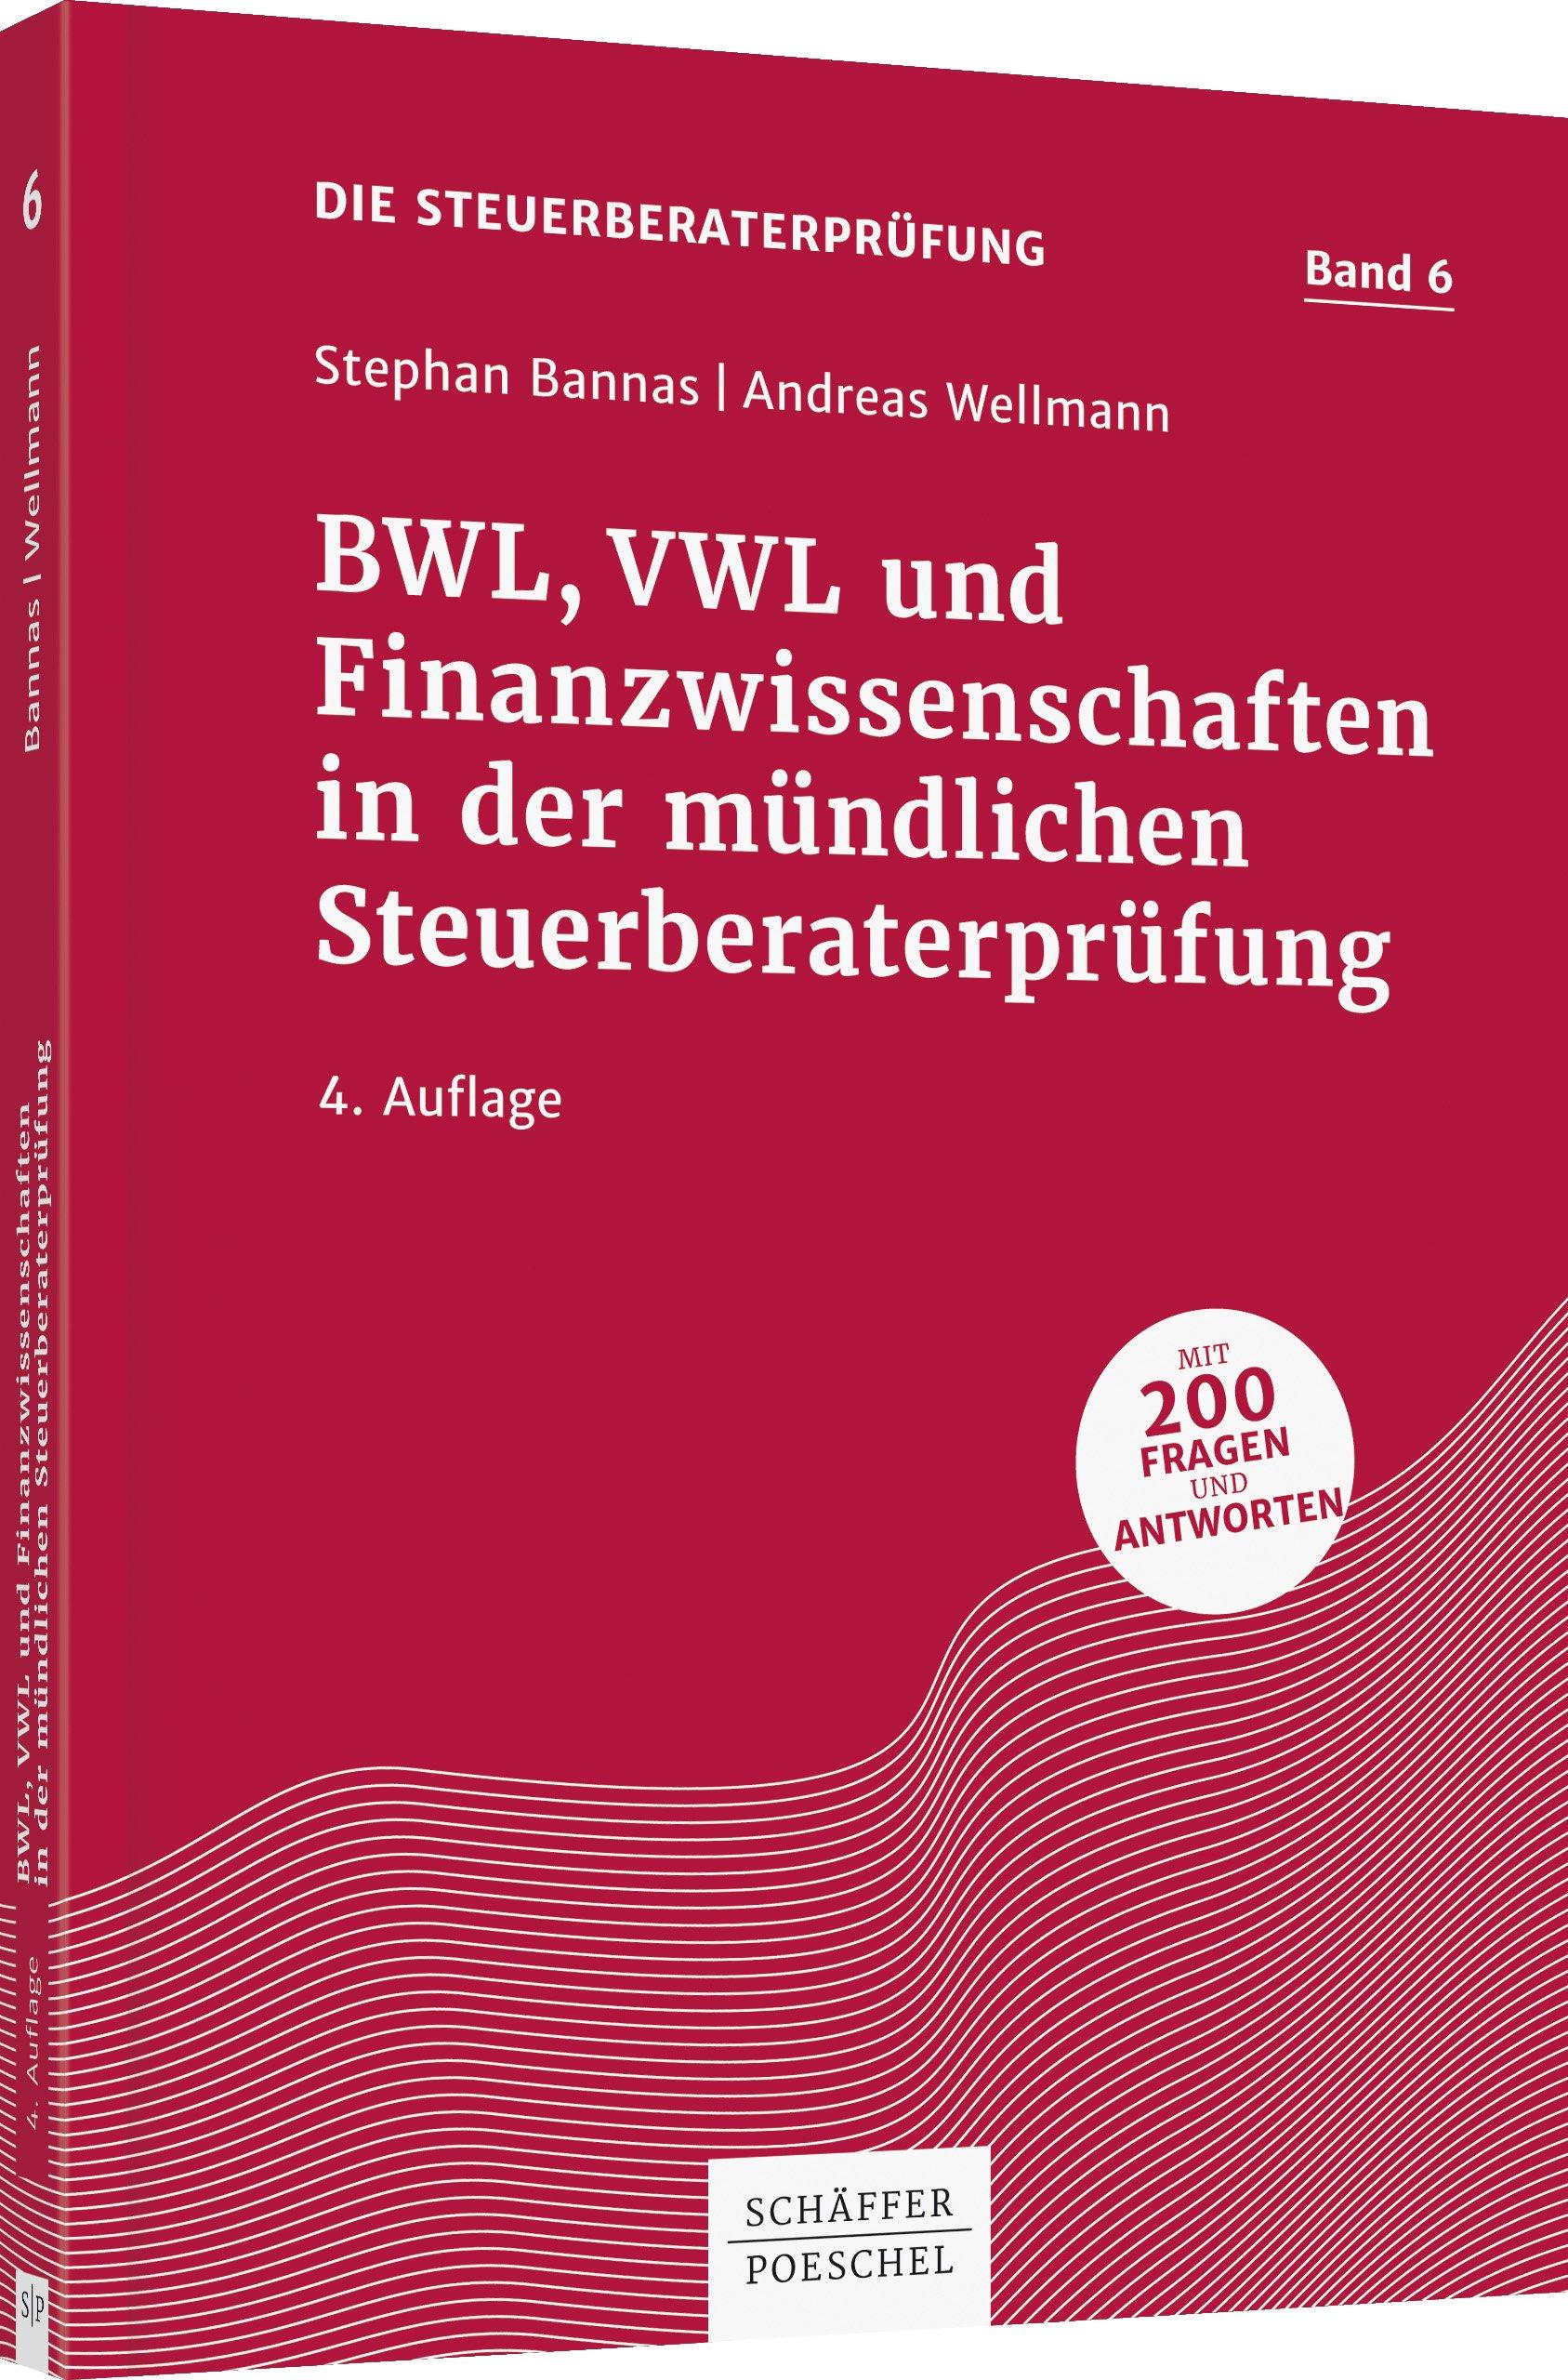 BWL, VWL und Finanzwissenschaften in der mündlichen Steuerberaterprüfung (Die Steuerberaterprüfung) Taschenbuch – 2. Oktober 2018 Stephan Bannas Andreas Wellmann Schäffer-Poeschel 3791042254